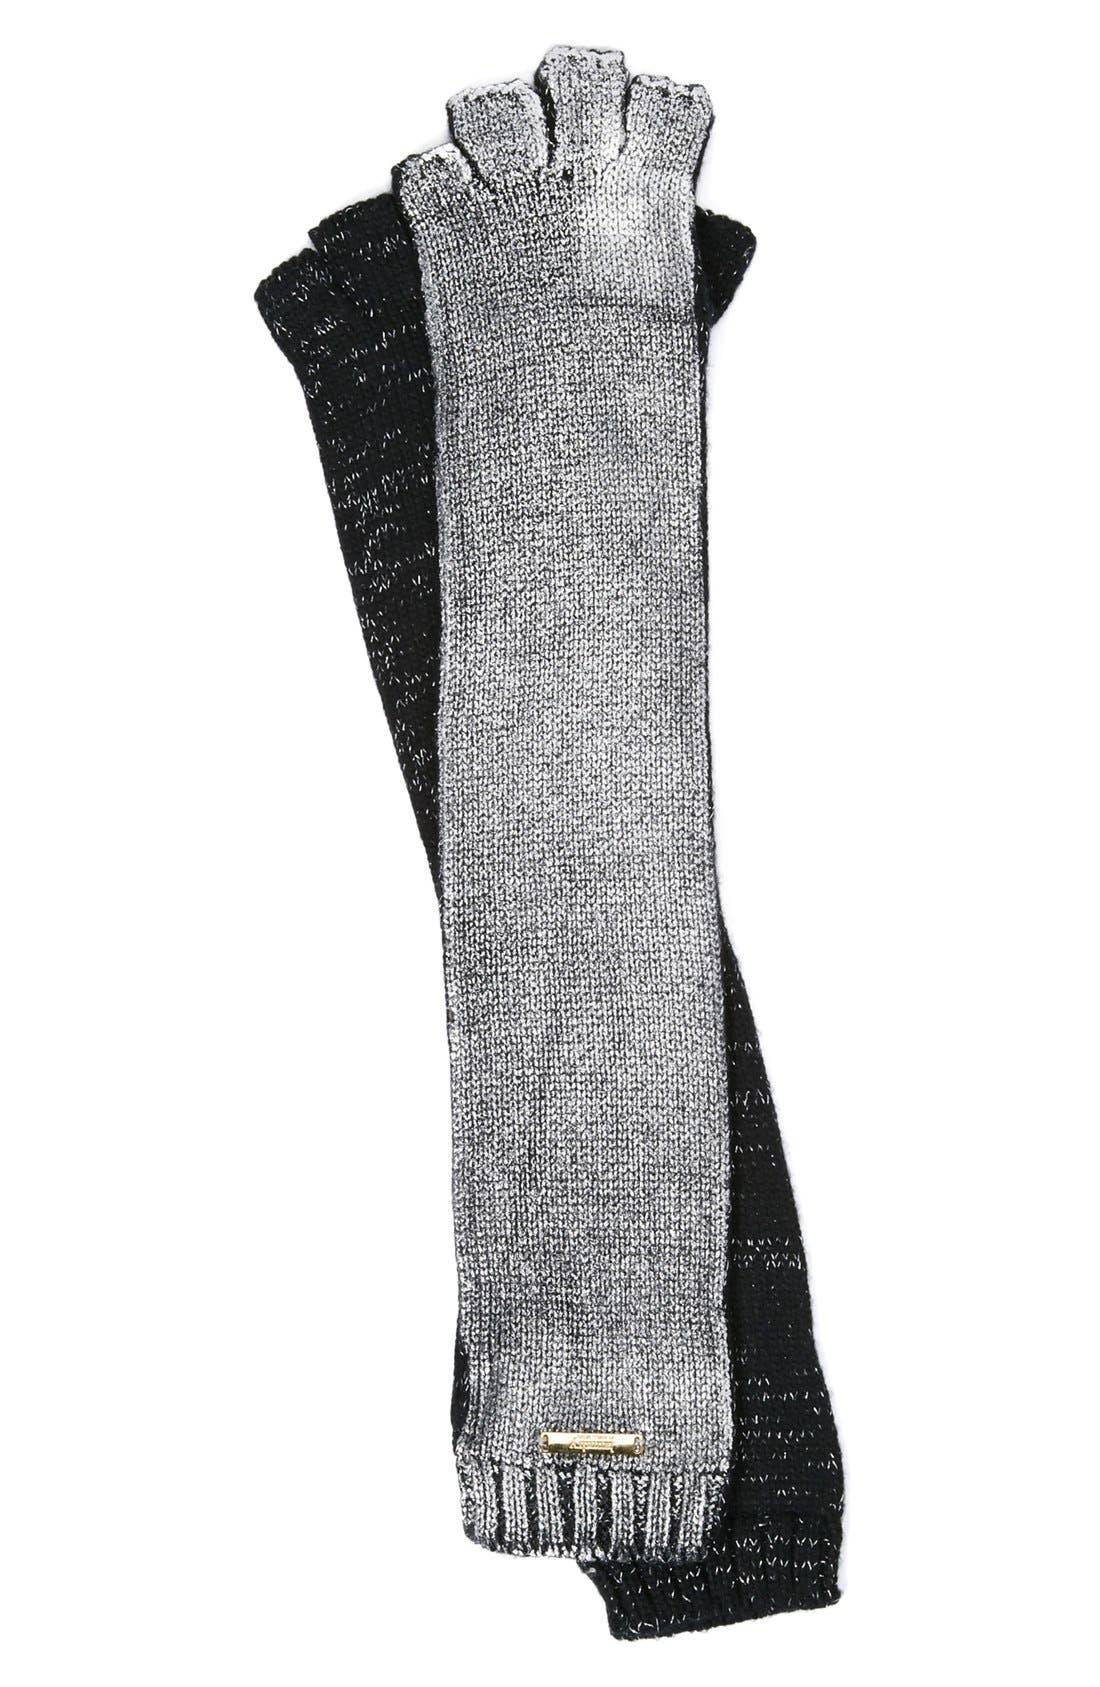 Alternate Image 1 Selected - Laundry by Shelli Segal Foil Print Fingerless Gloves